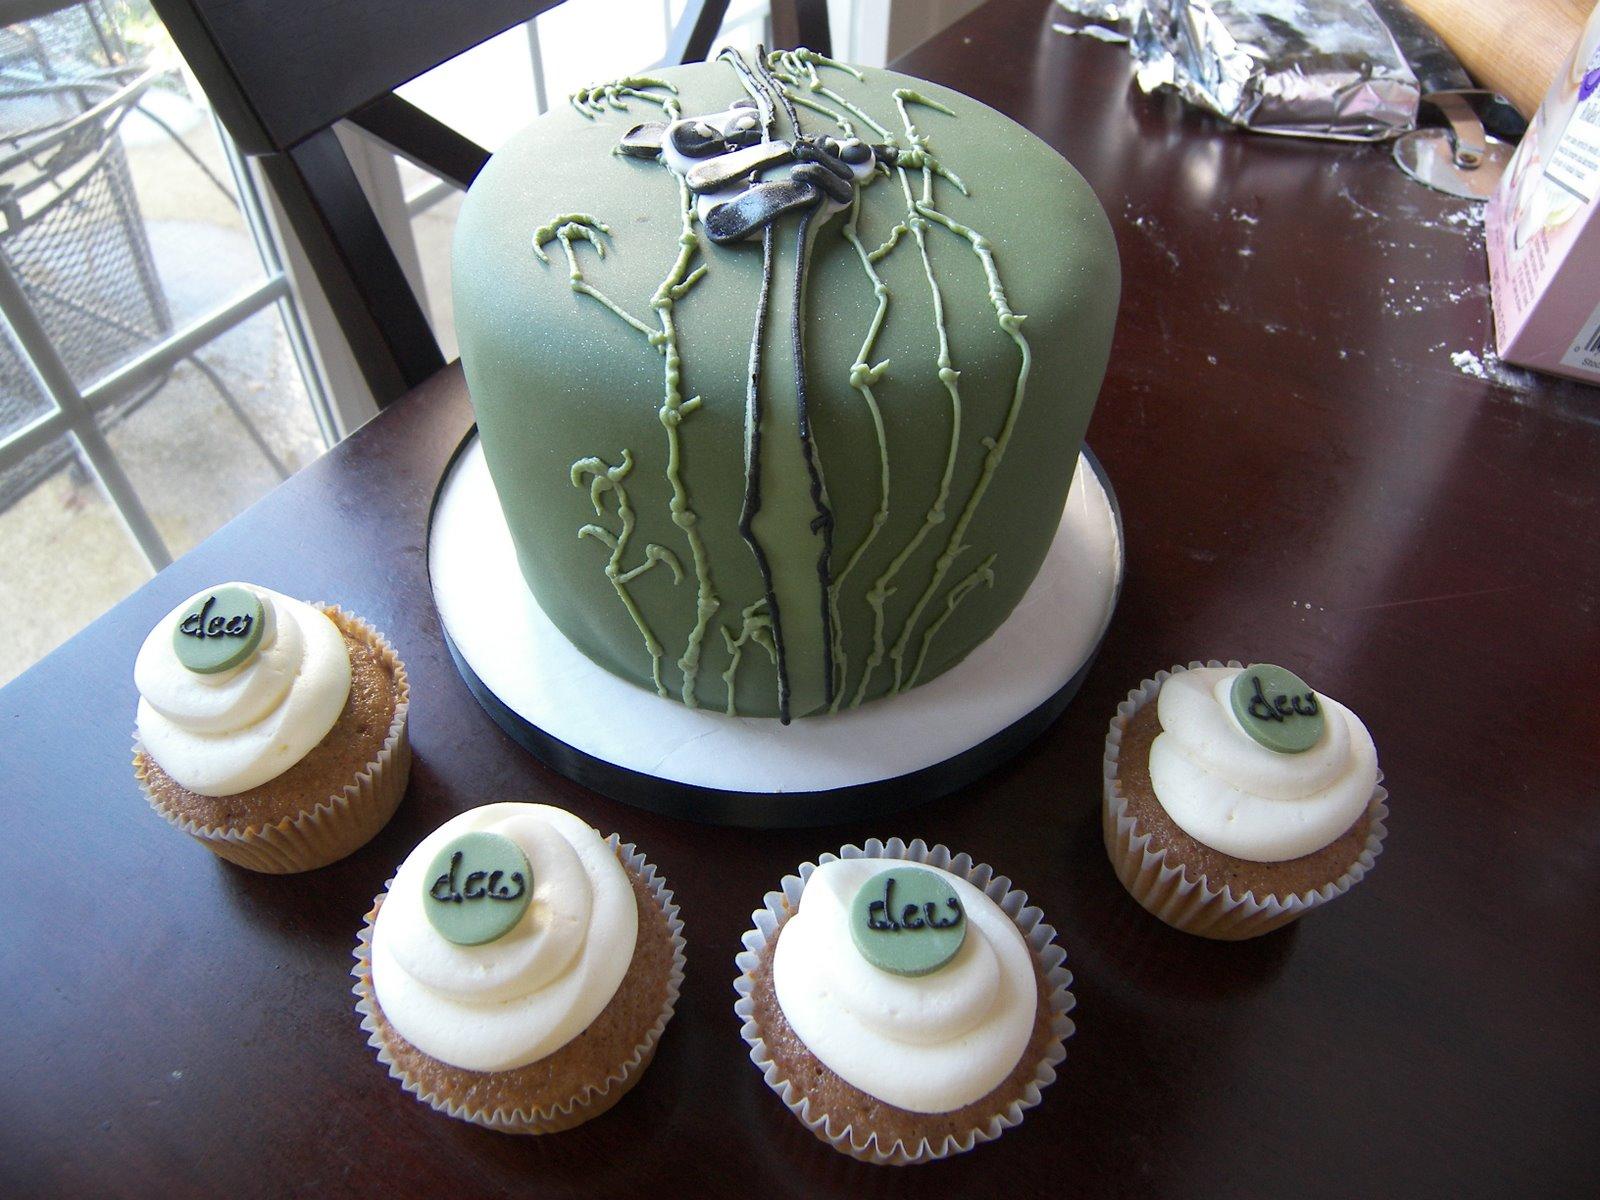 For Goodness Cake Company